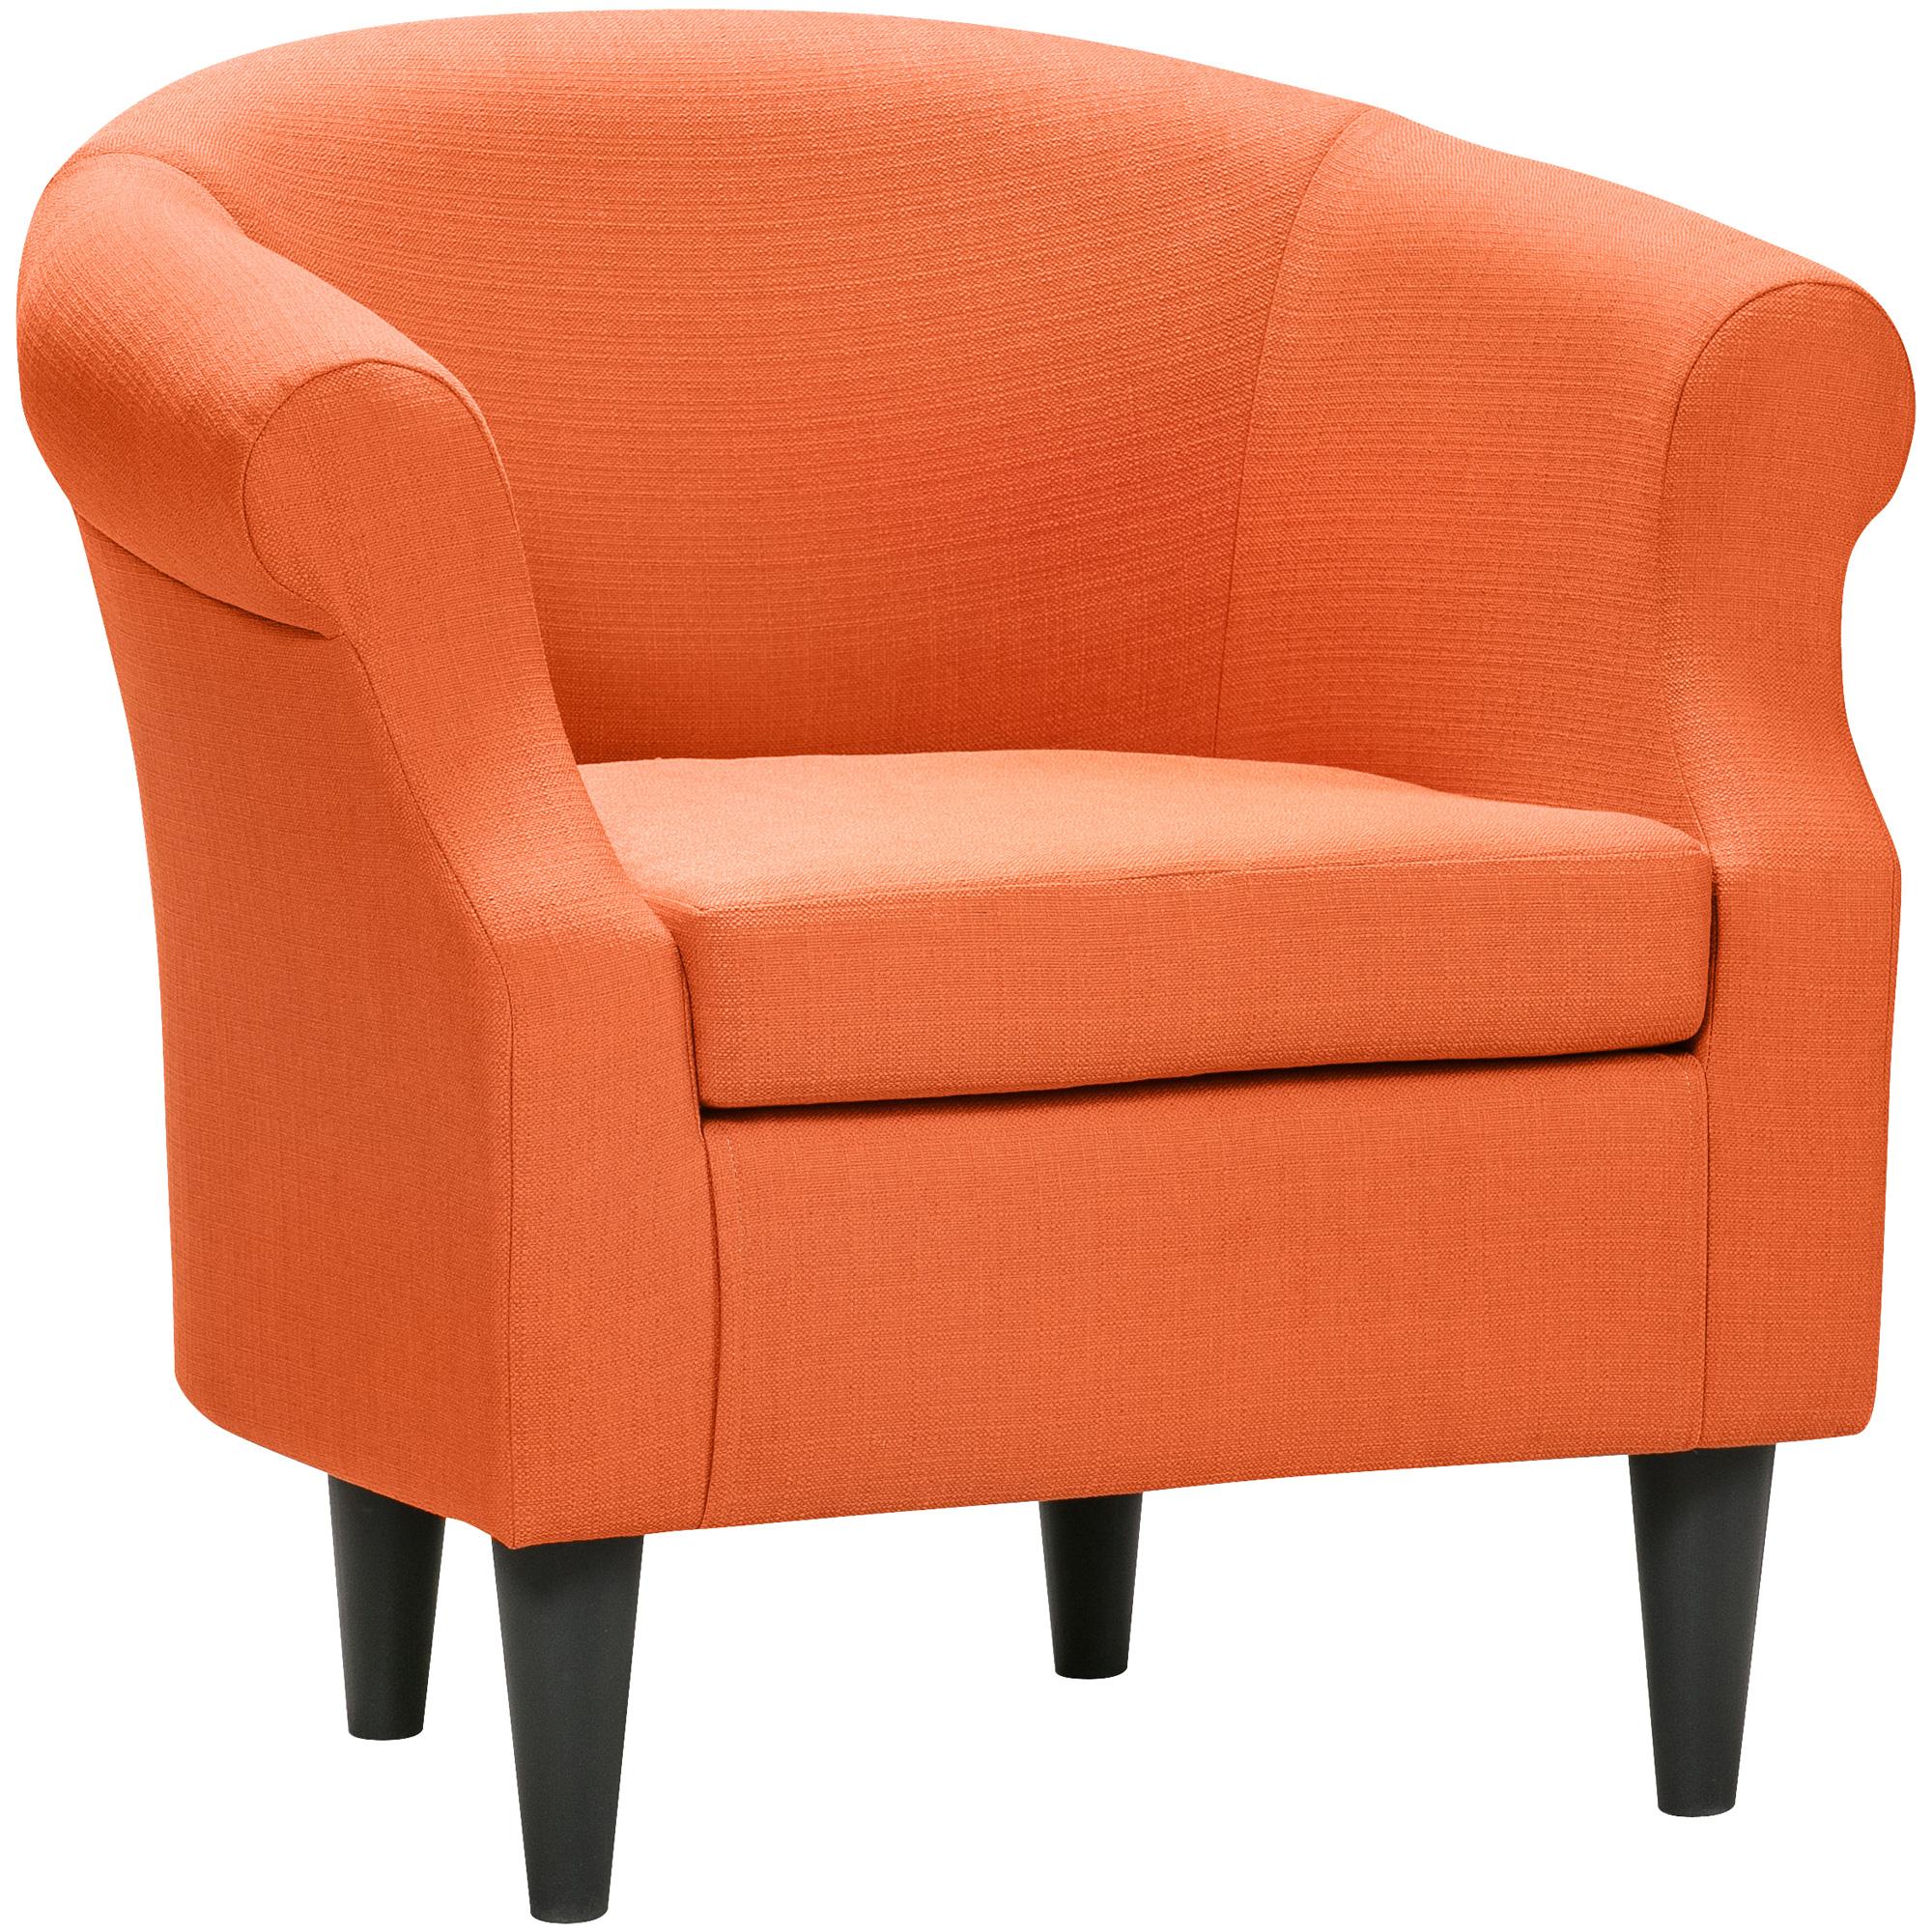 Overman   Nikole Saffron Accent Chair